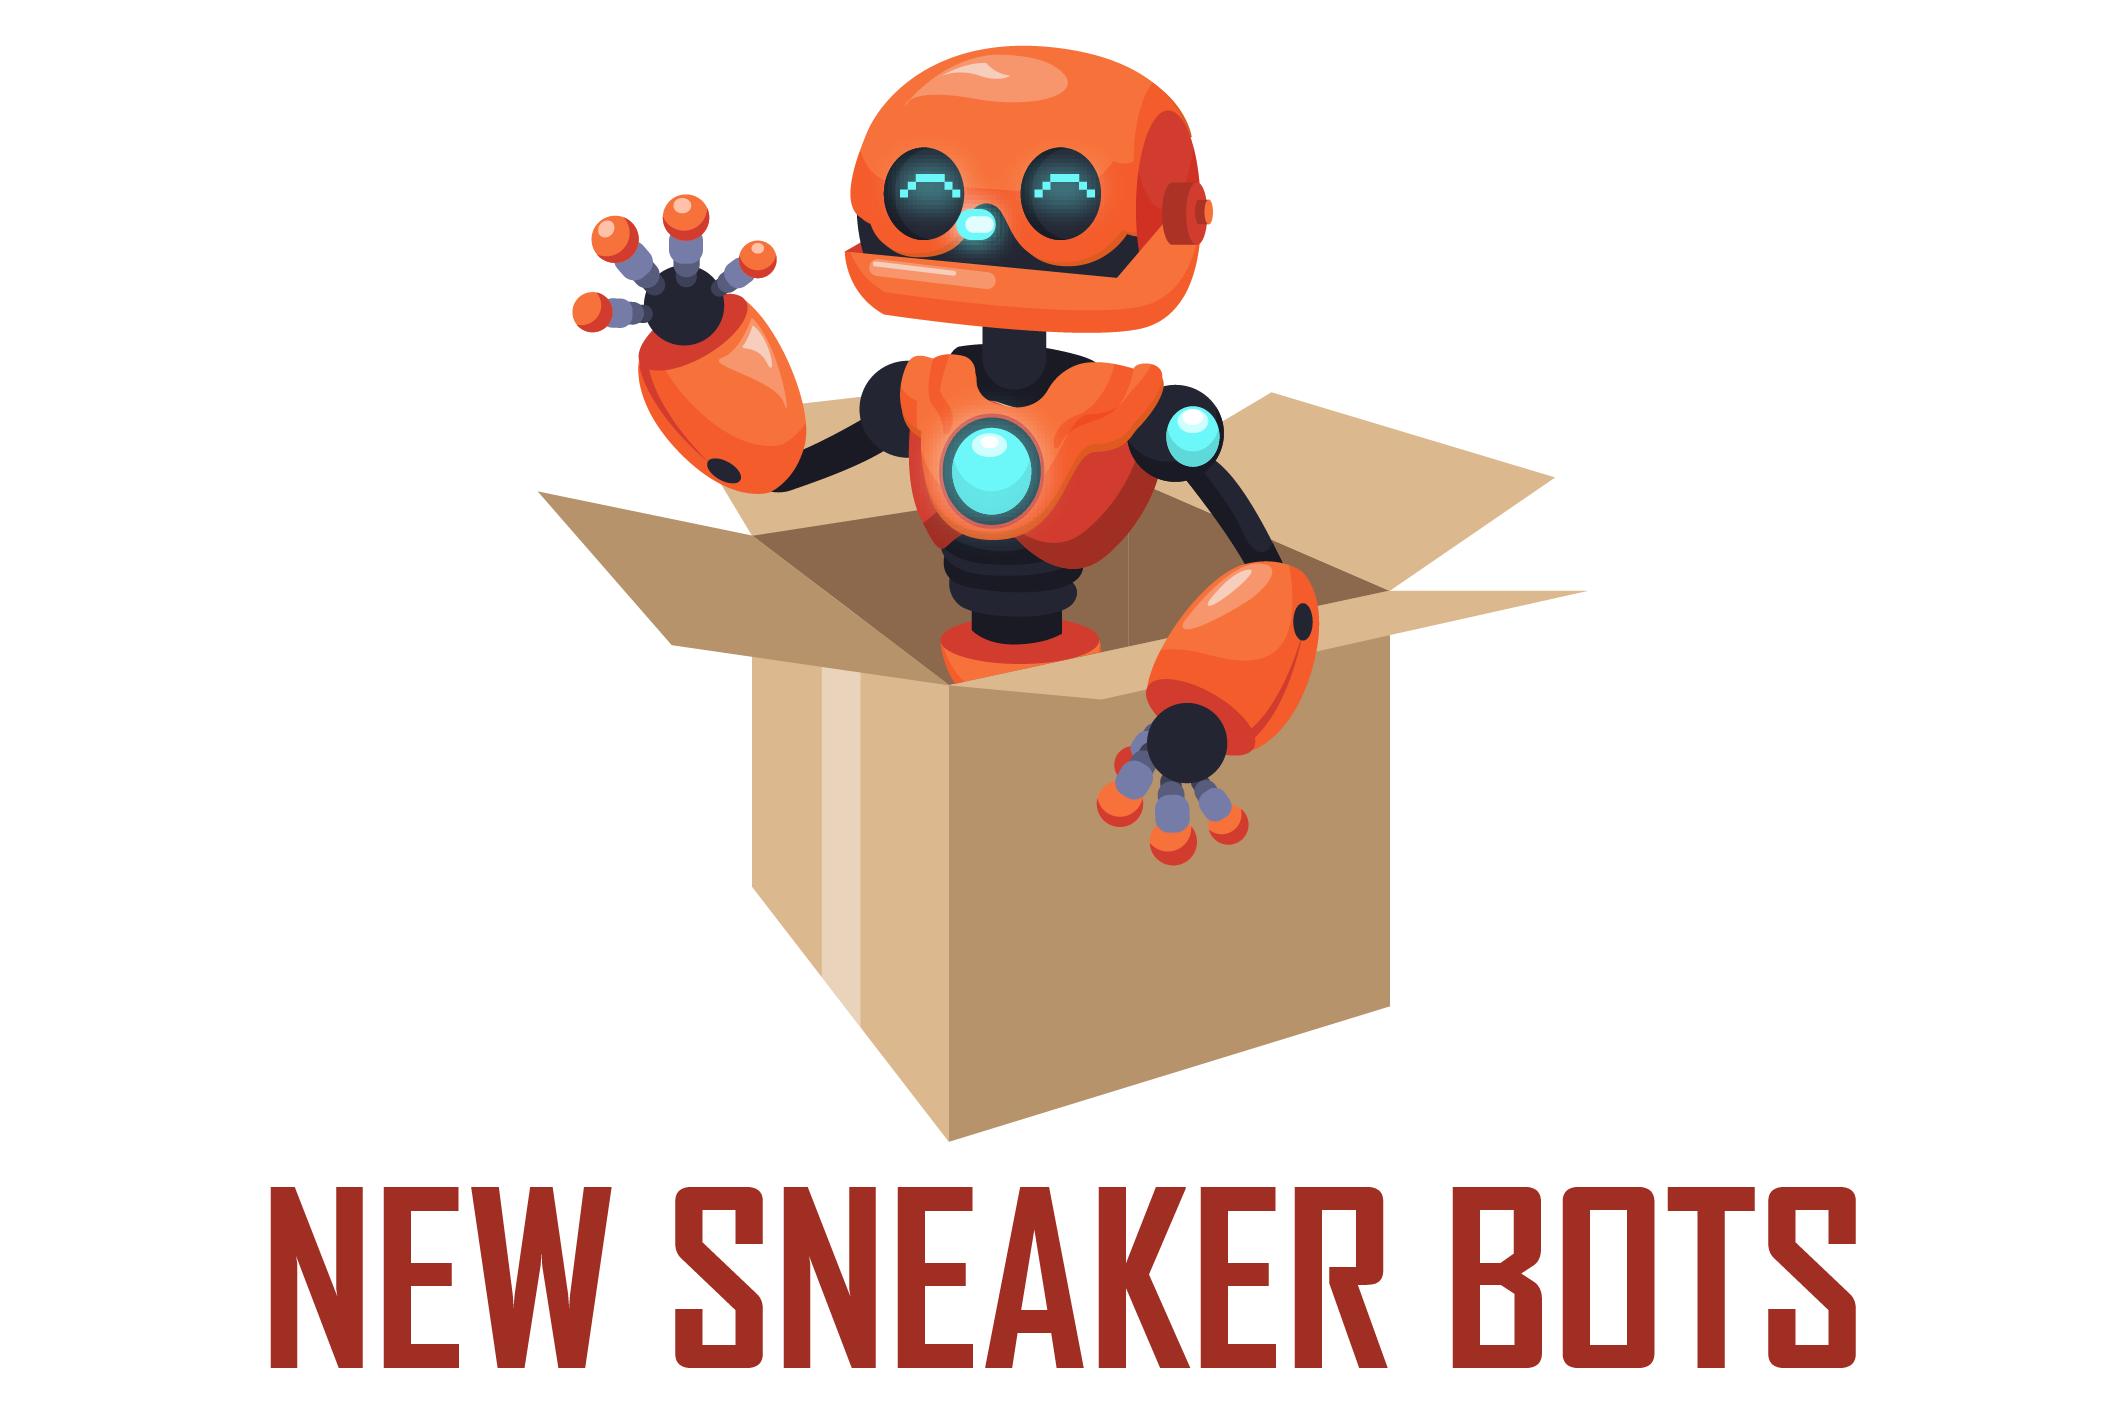 New Sneaker Bots